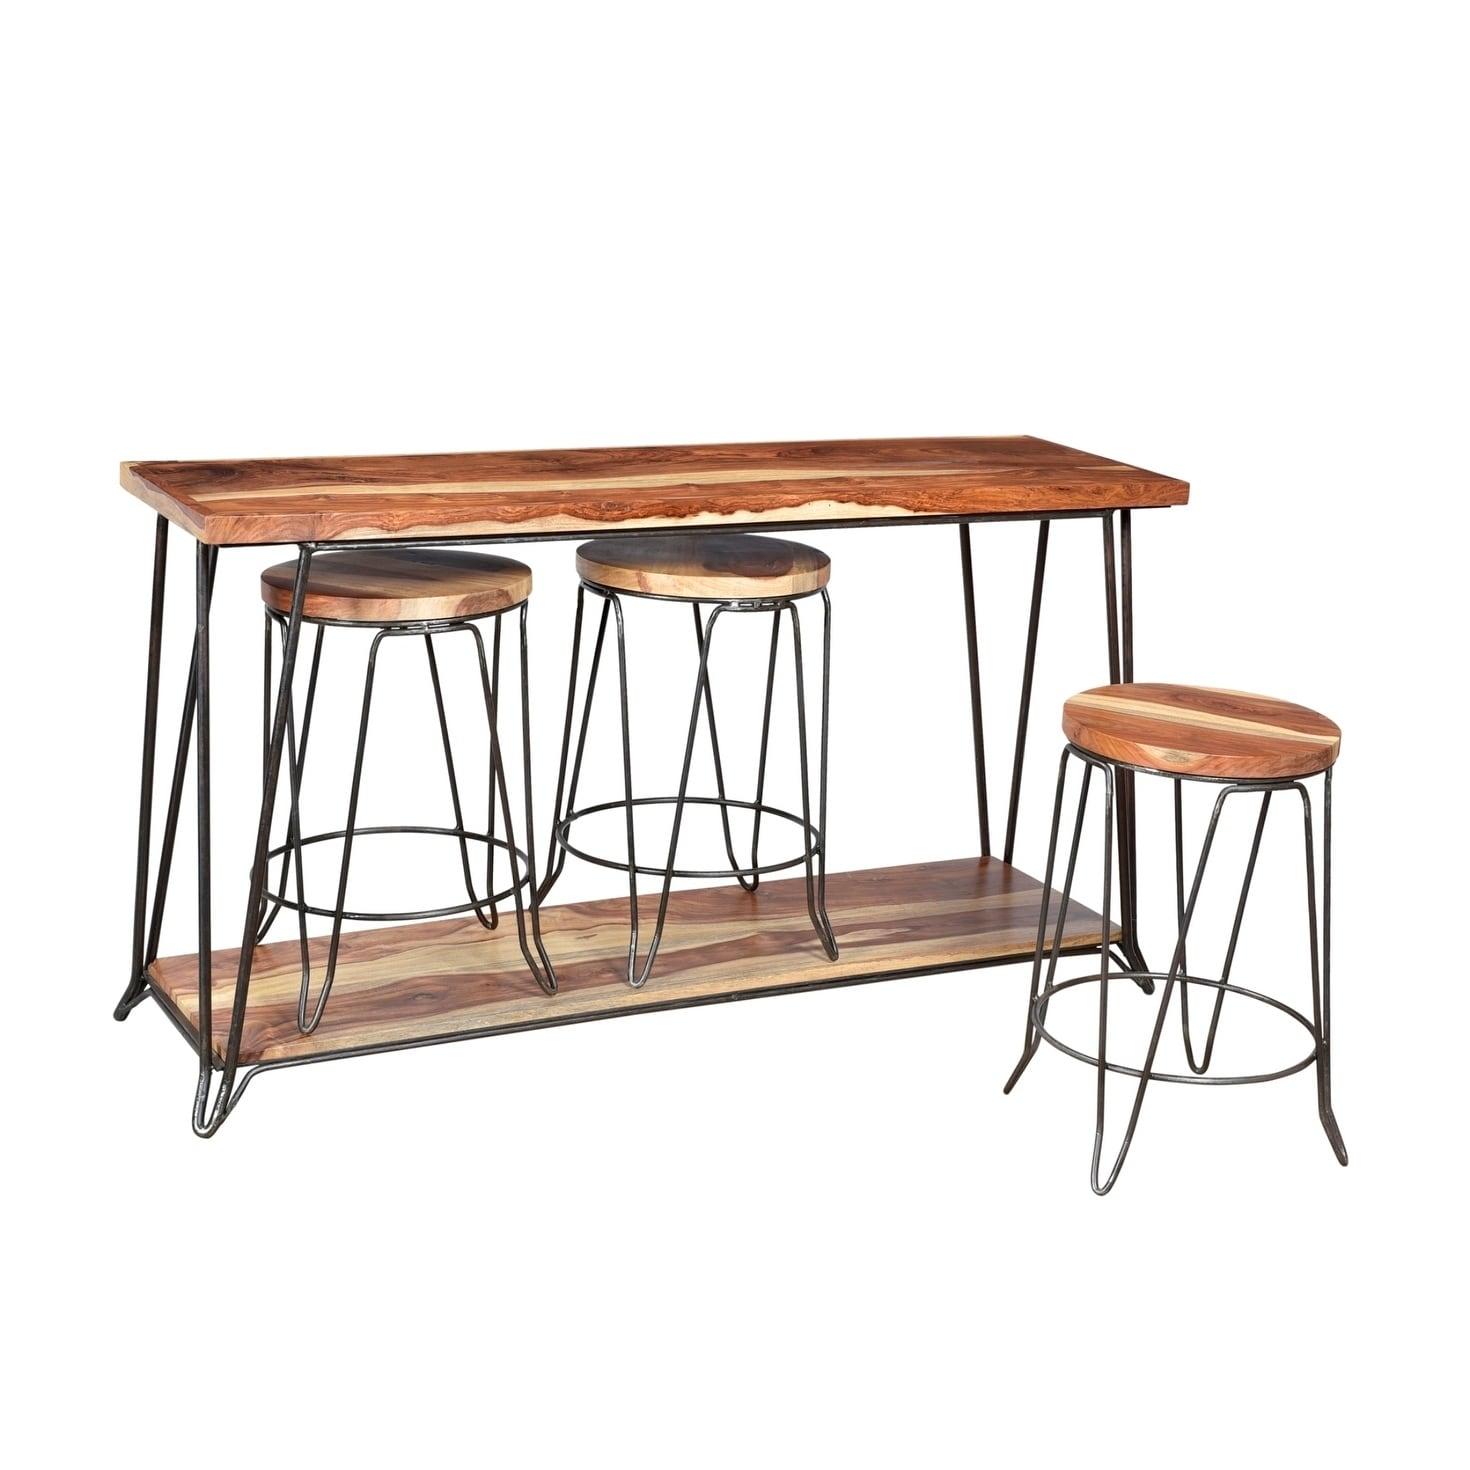 Tremendous Console Table 3 Stools Lamtechconsult Wood Chair Design Ideas Lamtechconsultcom